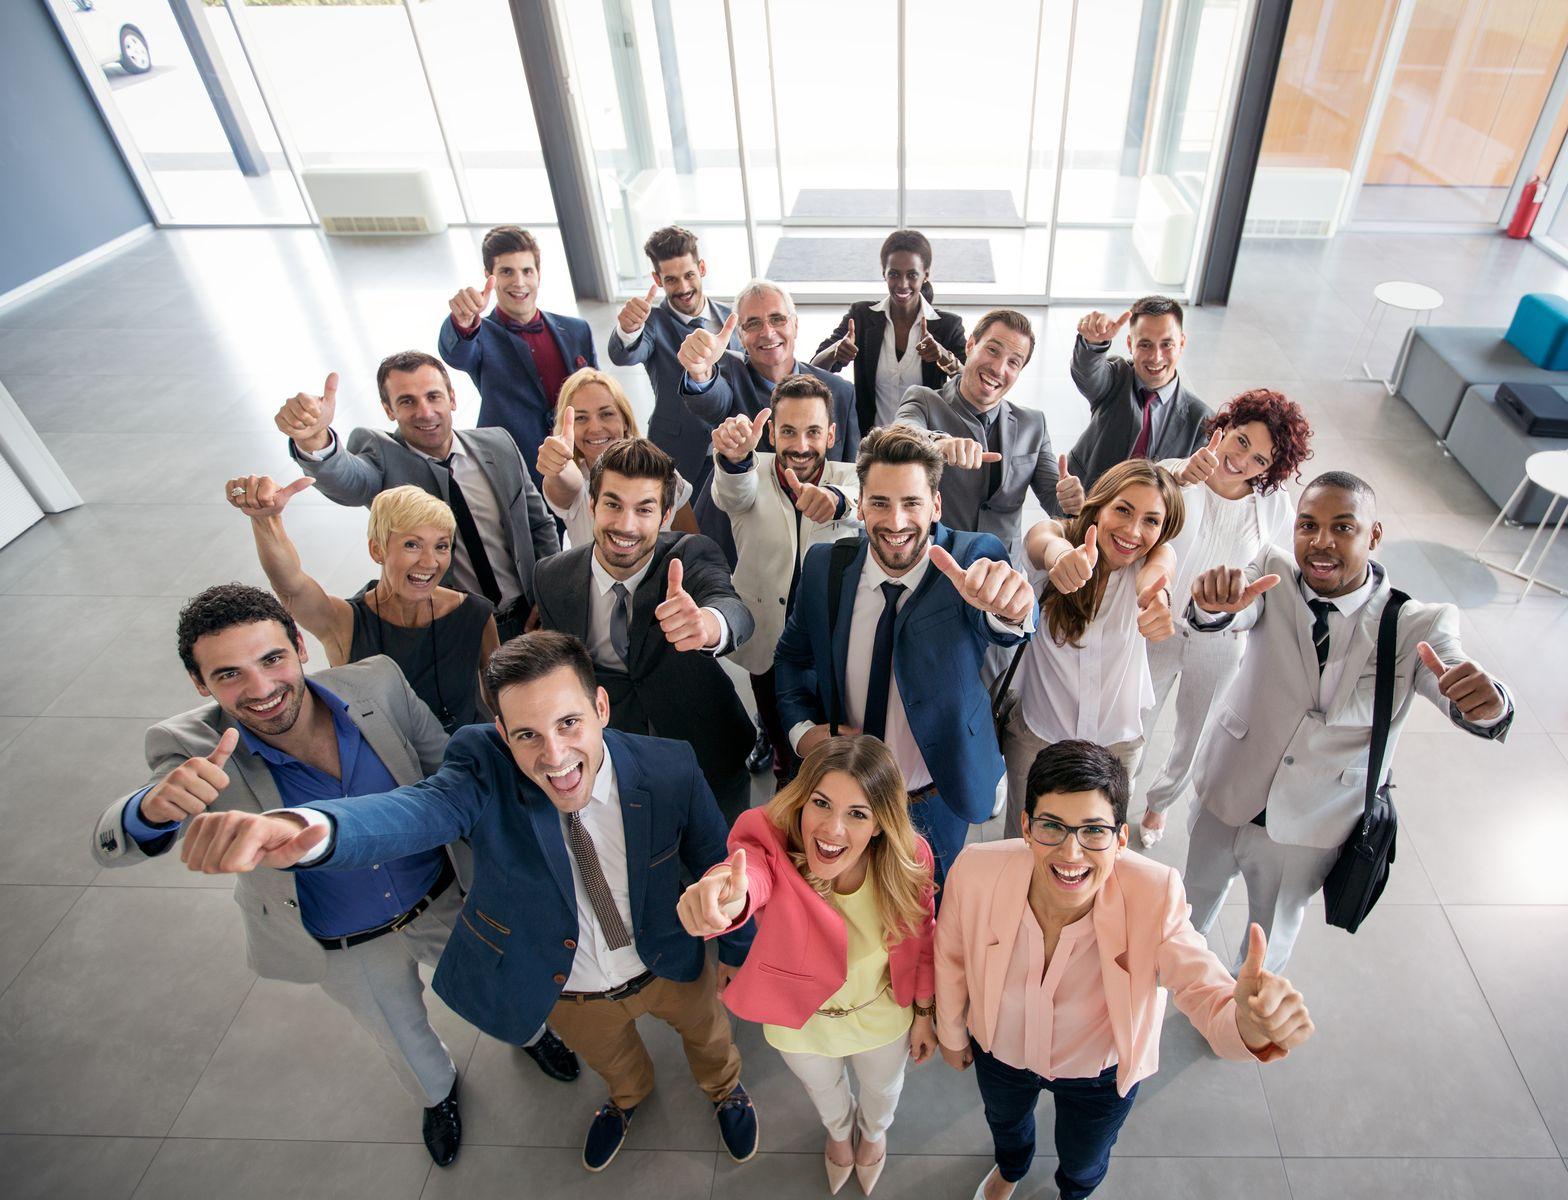 как сделать бизнес фото как иначе